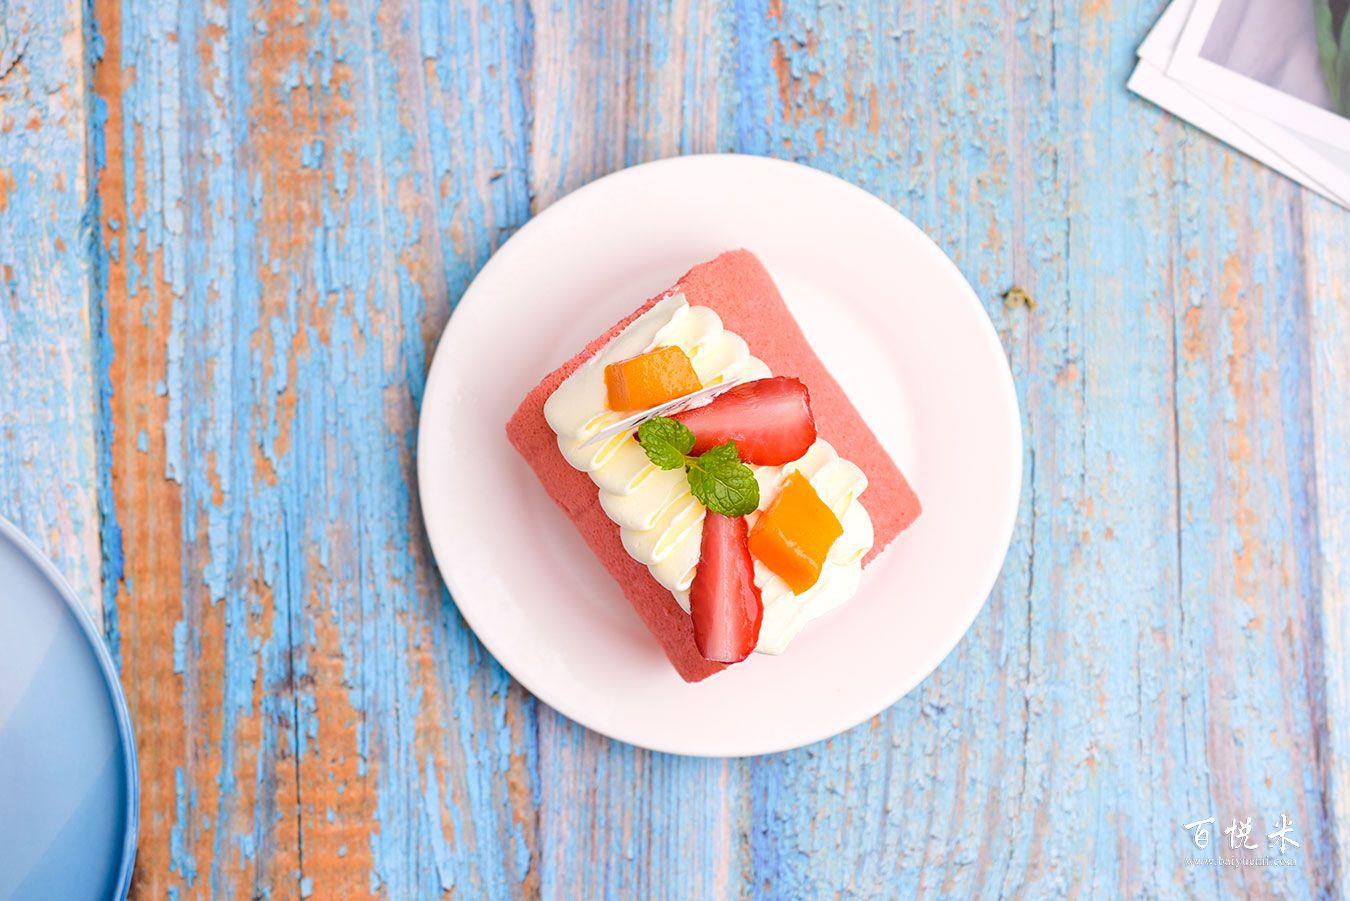 红丝绒蛋糕卷高清图片大全【蛋糕图片】_563